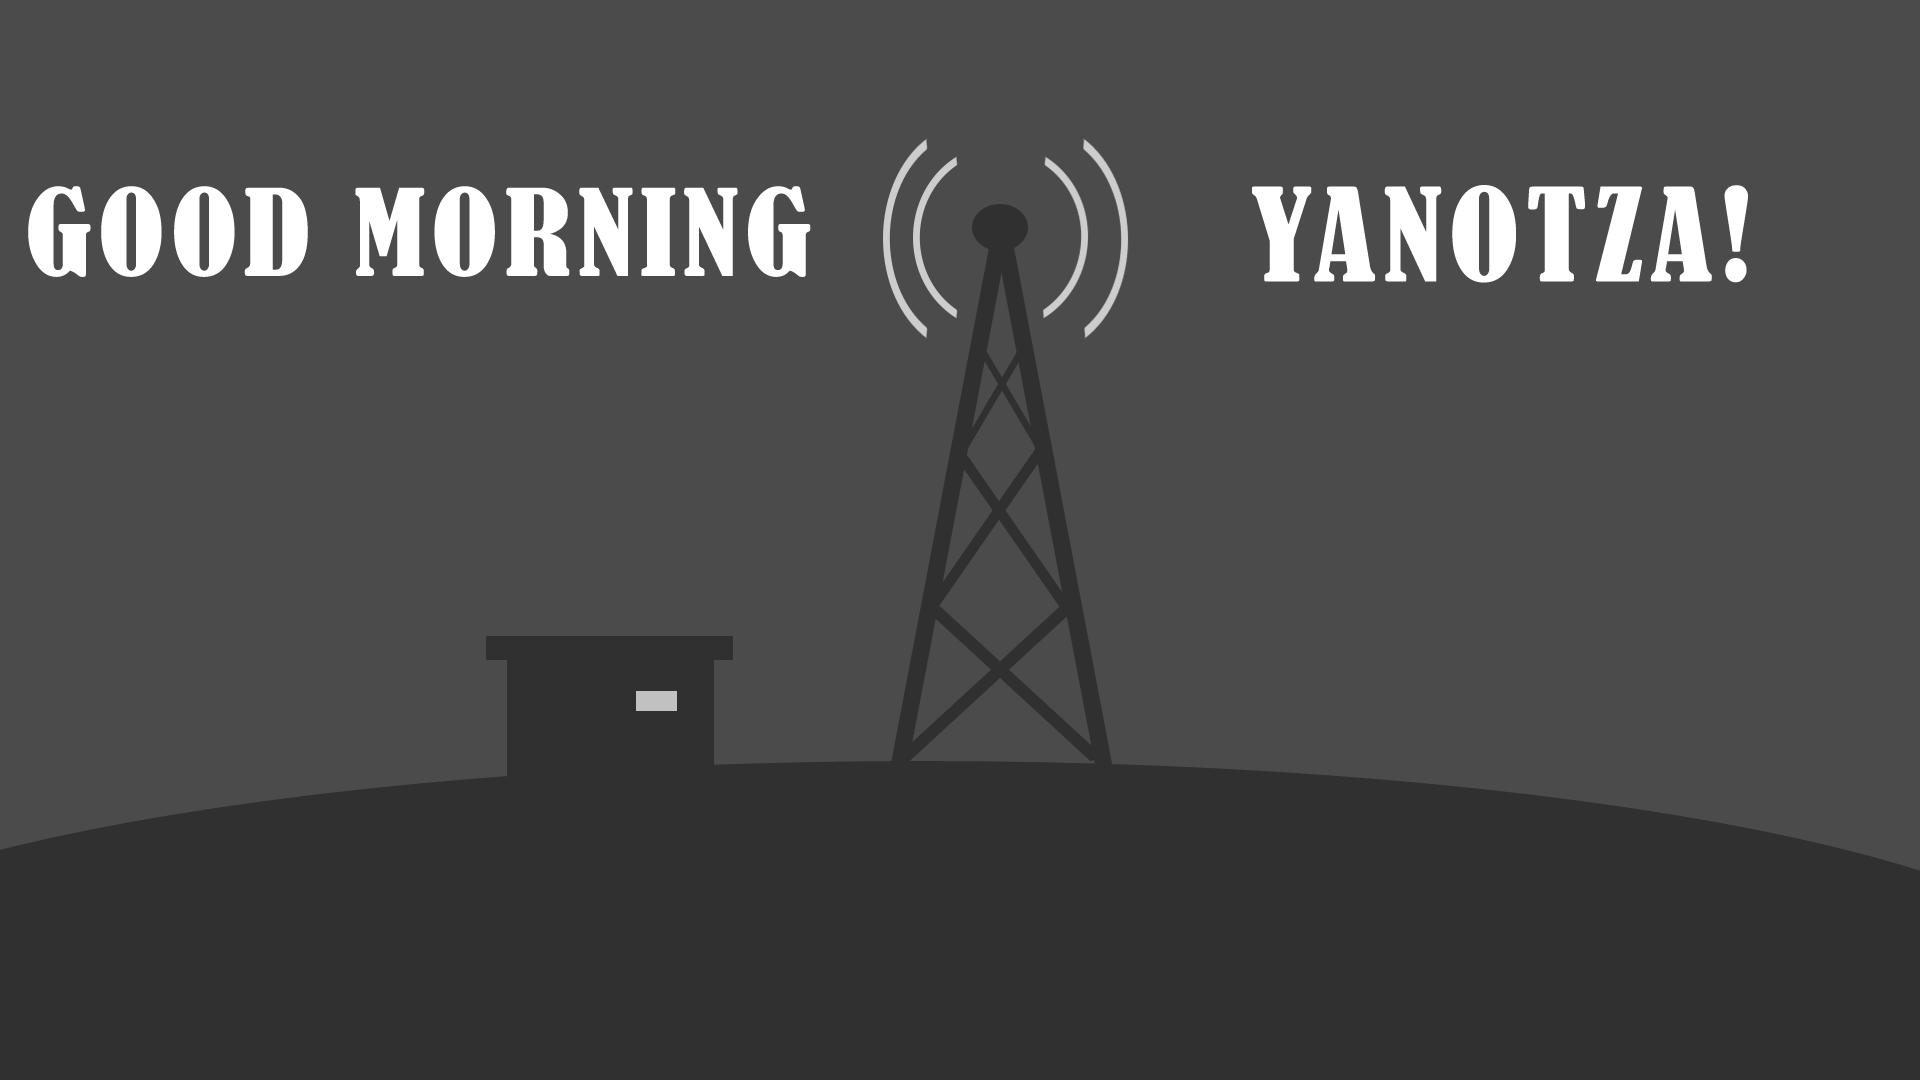 Good Morning Yanotza